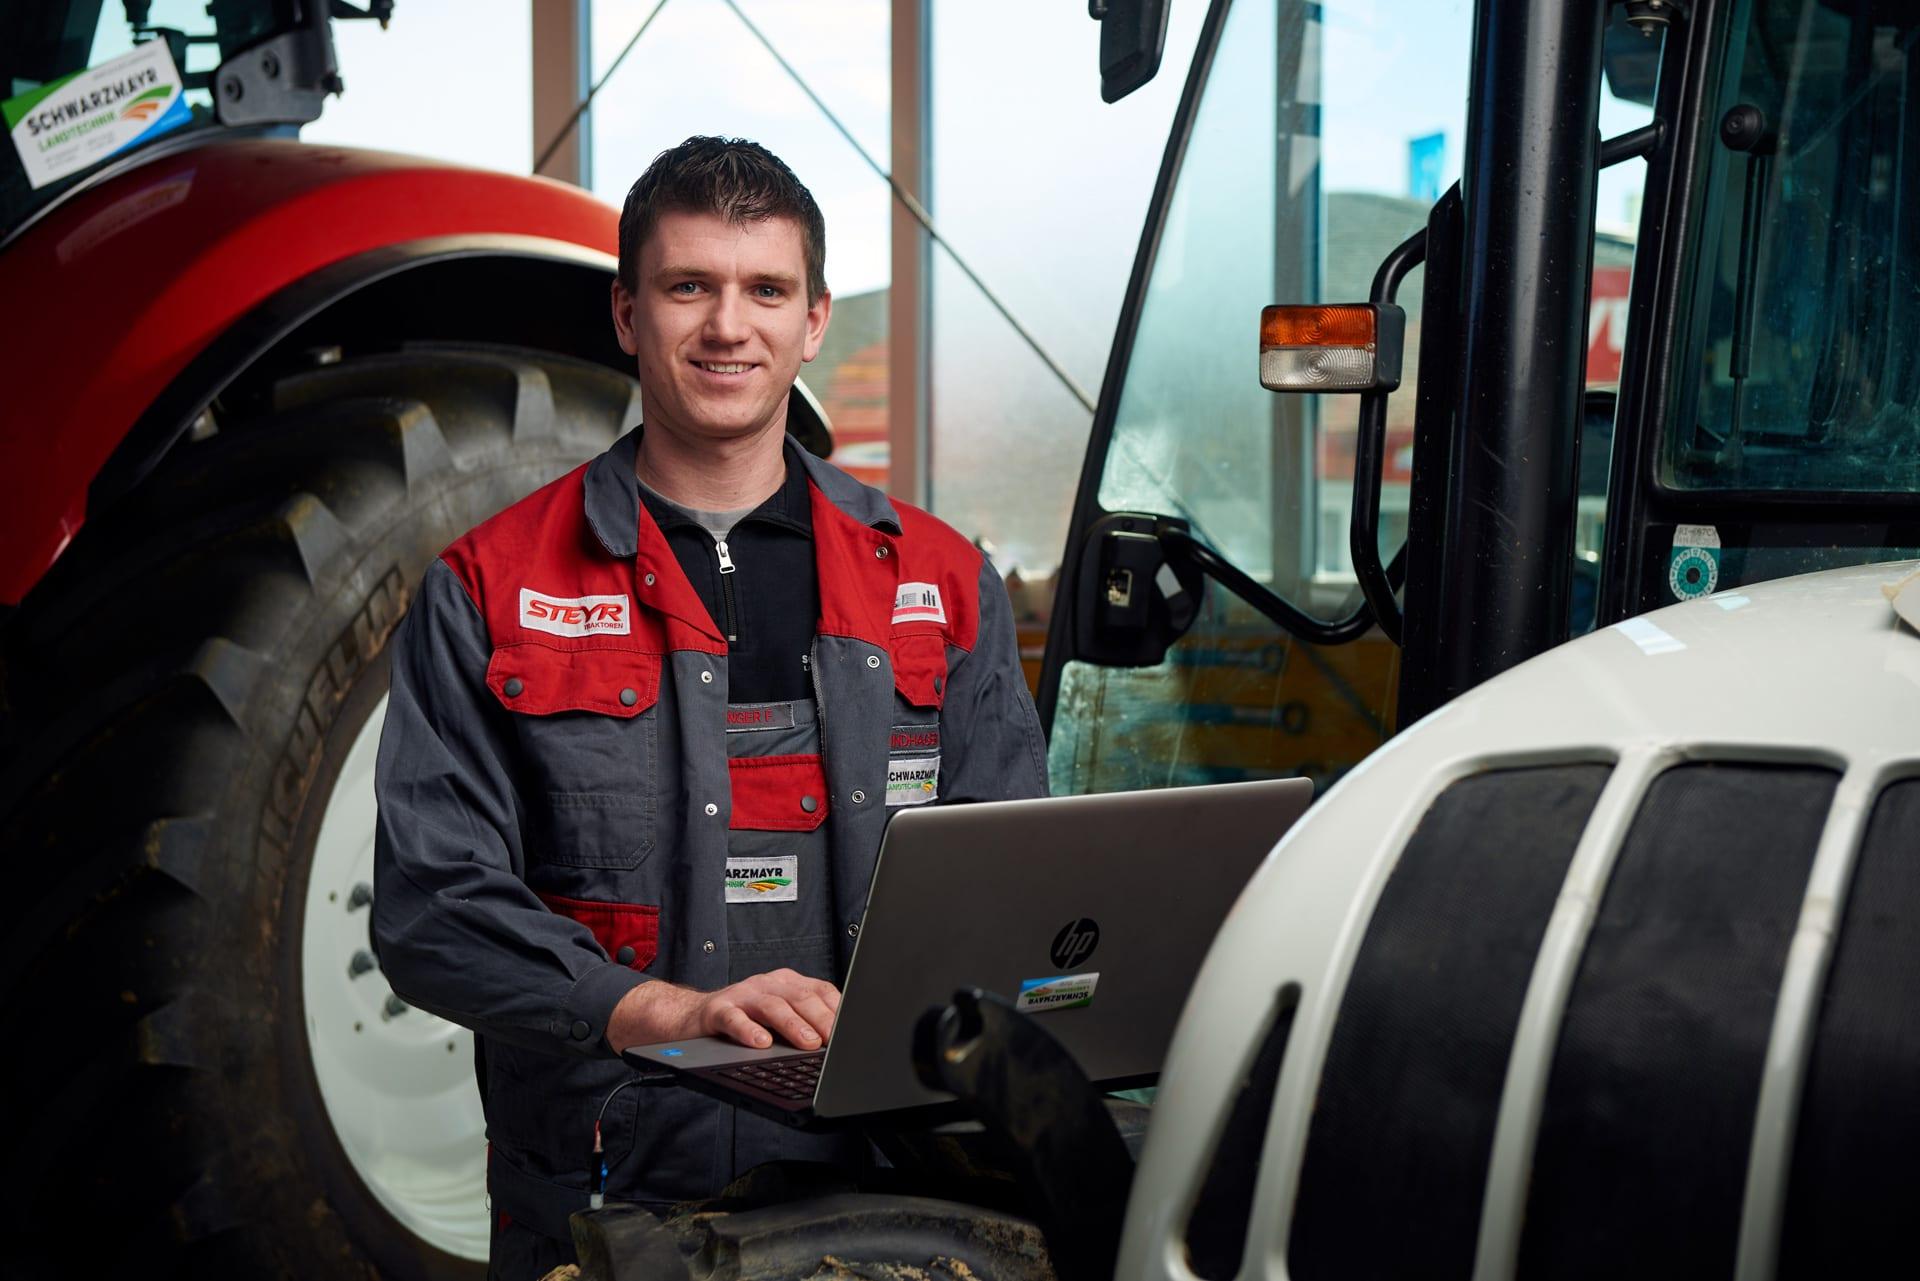 Traktor vom Experten bewerten lassen